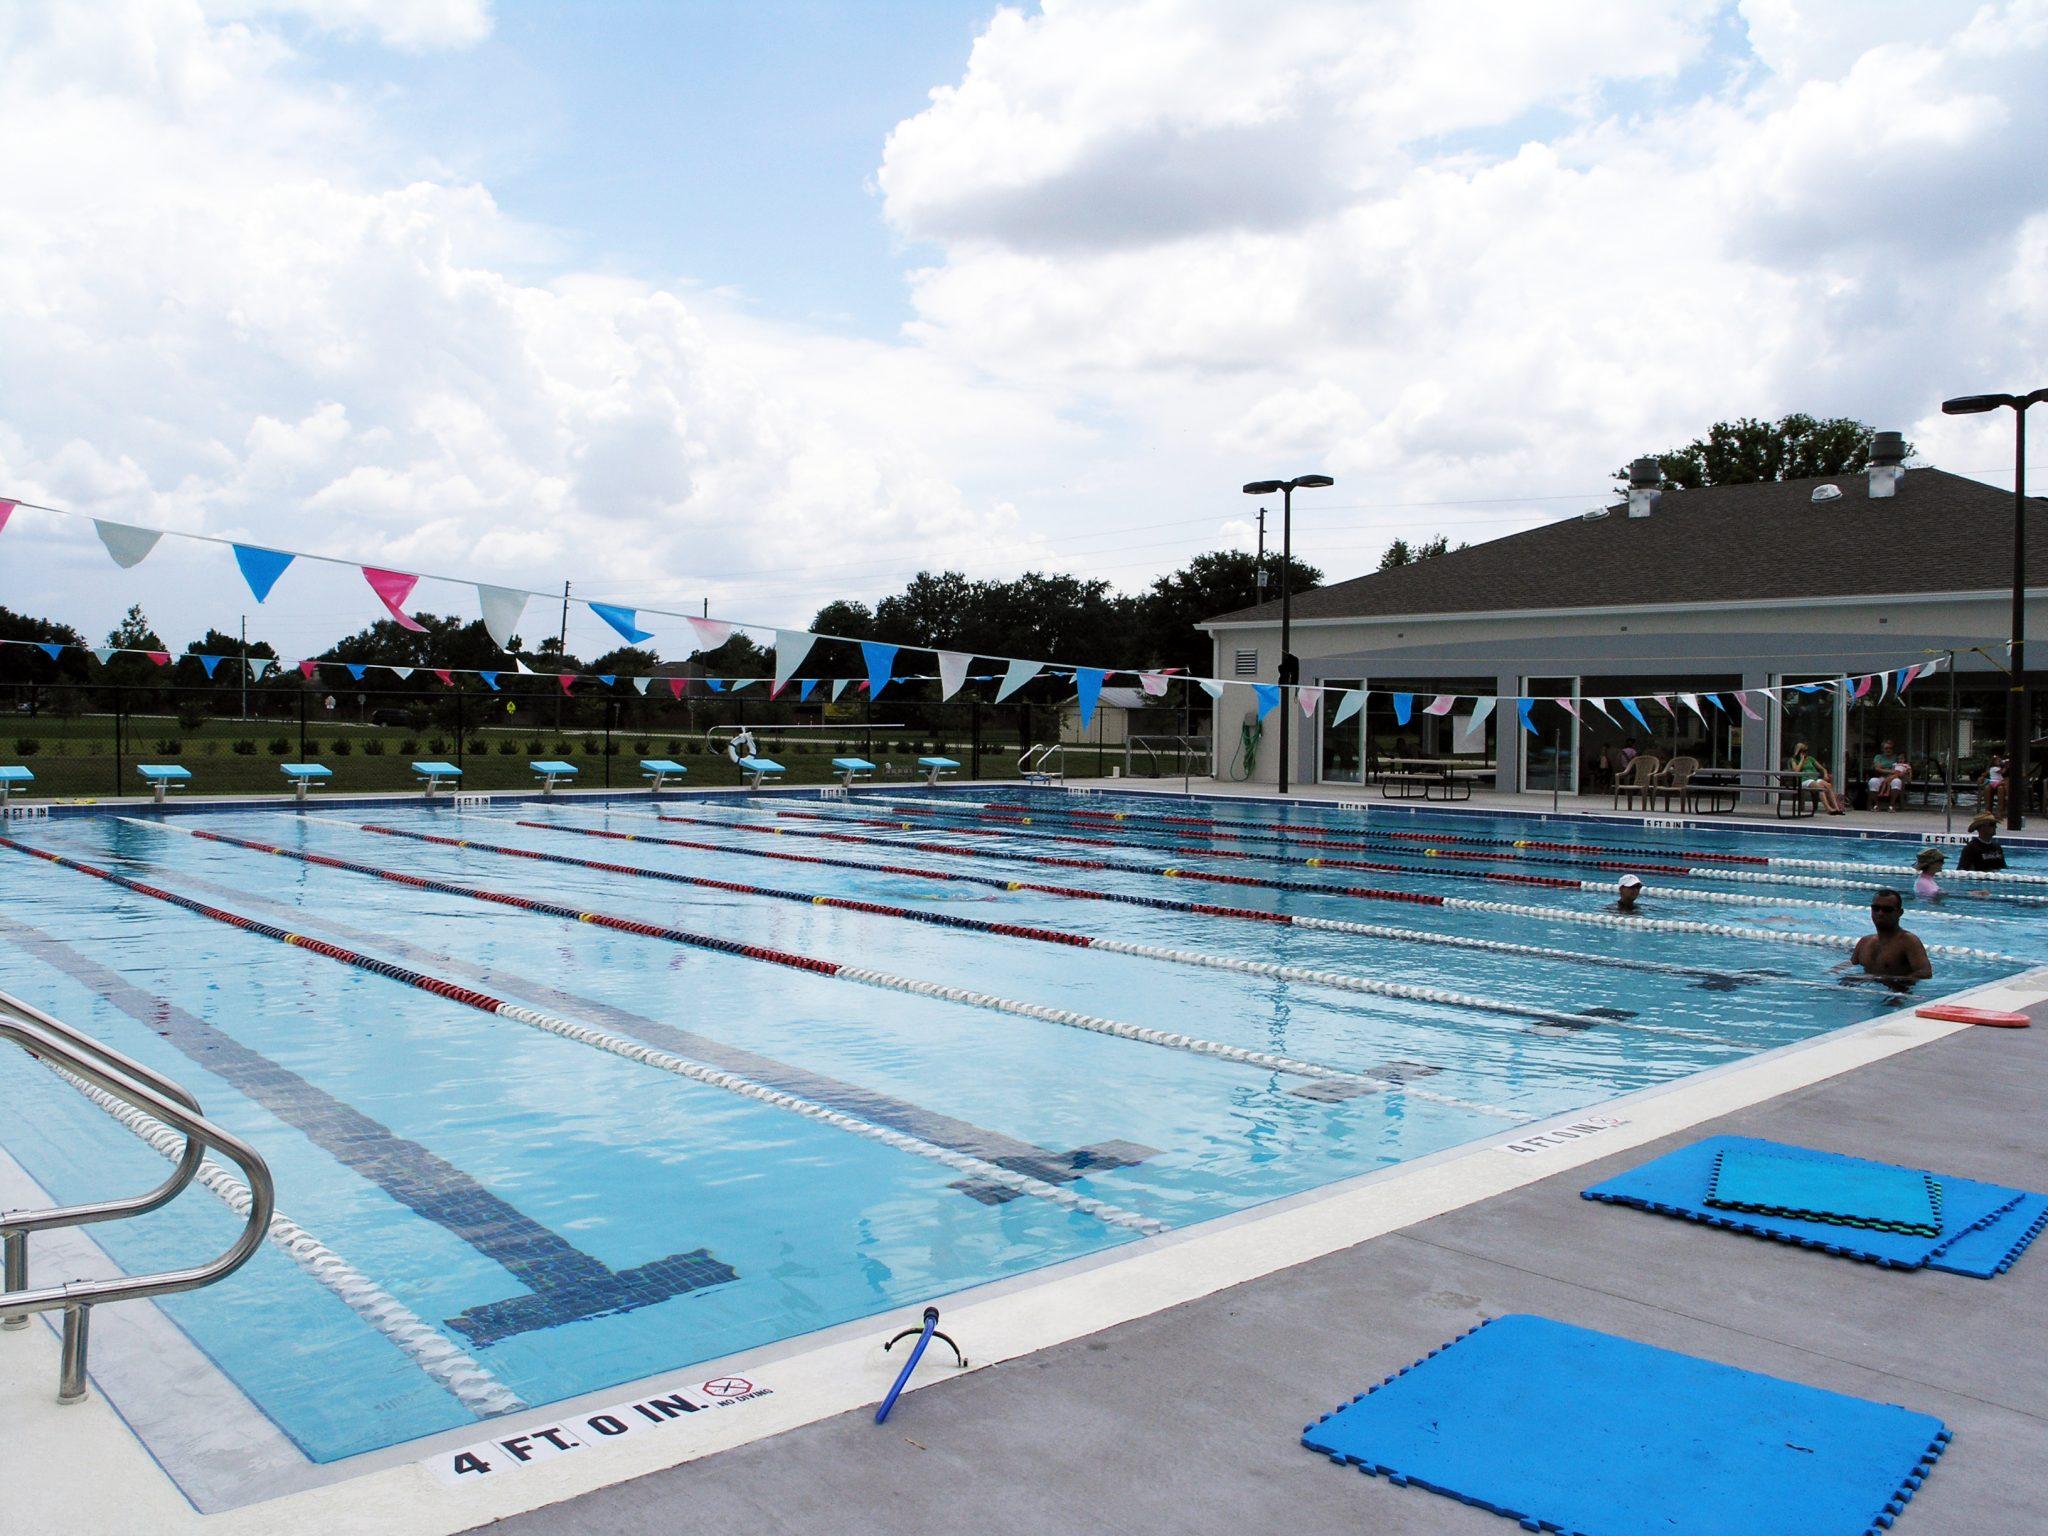 SWA 10 lane pool